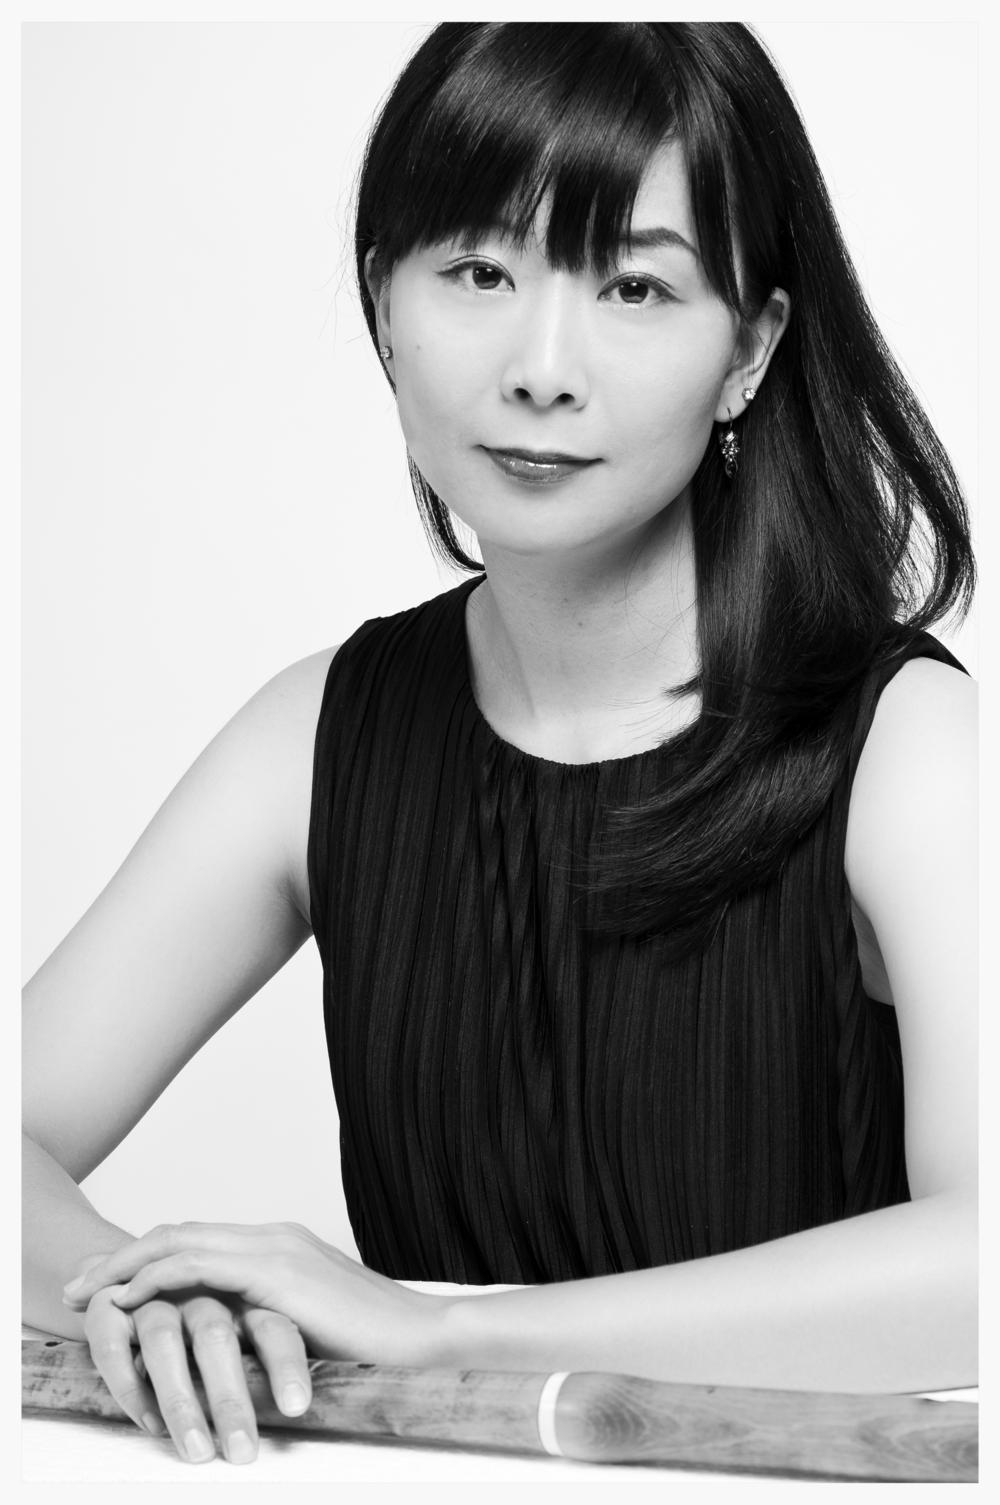 Reiko Tsuiki